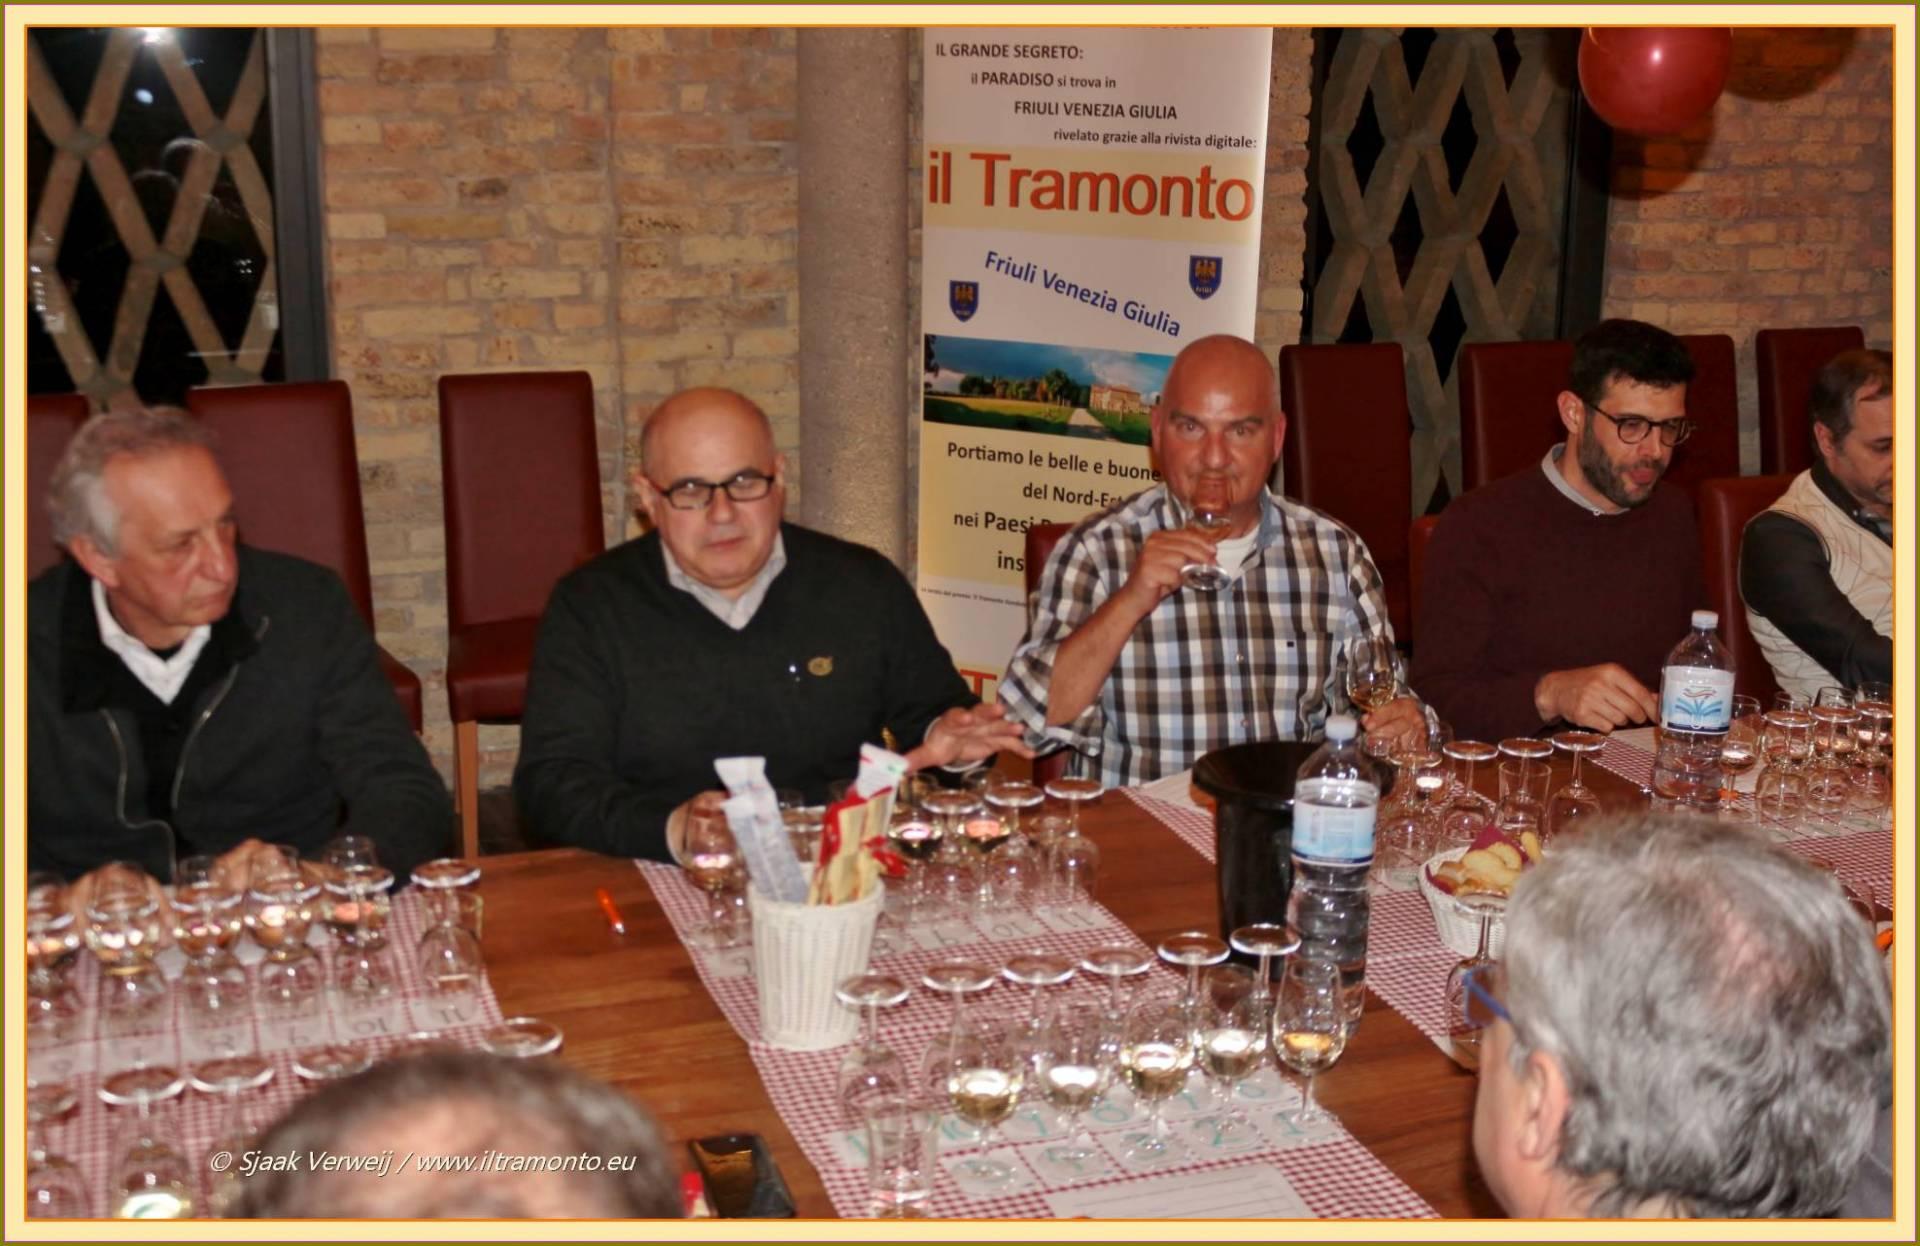 renzo-zorzi_7546_il-tramonto-wines